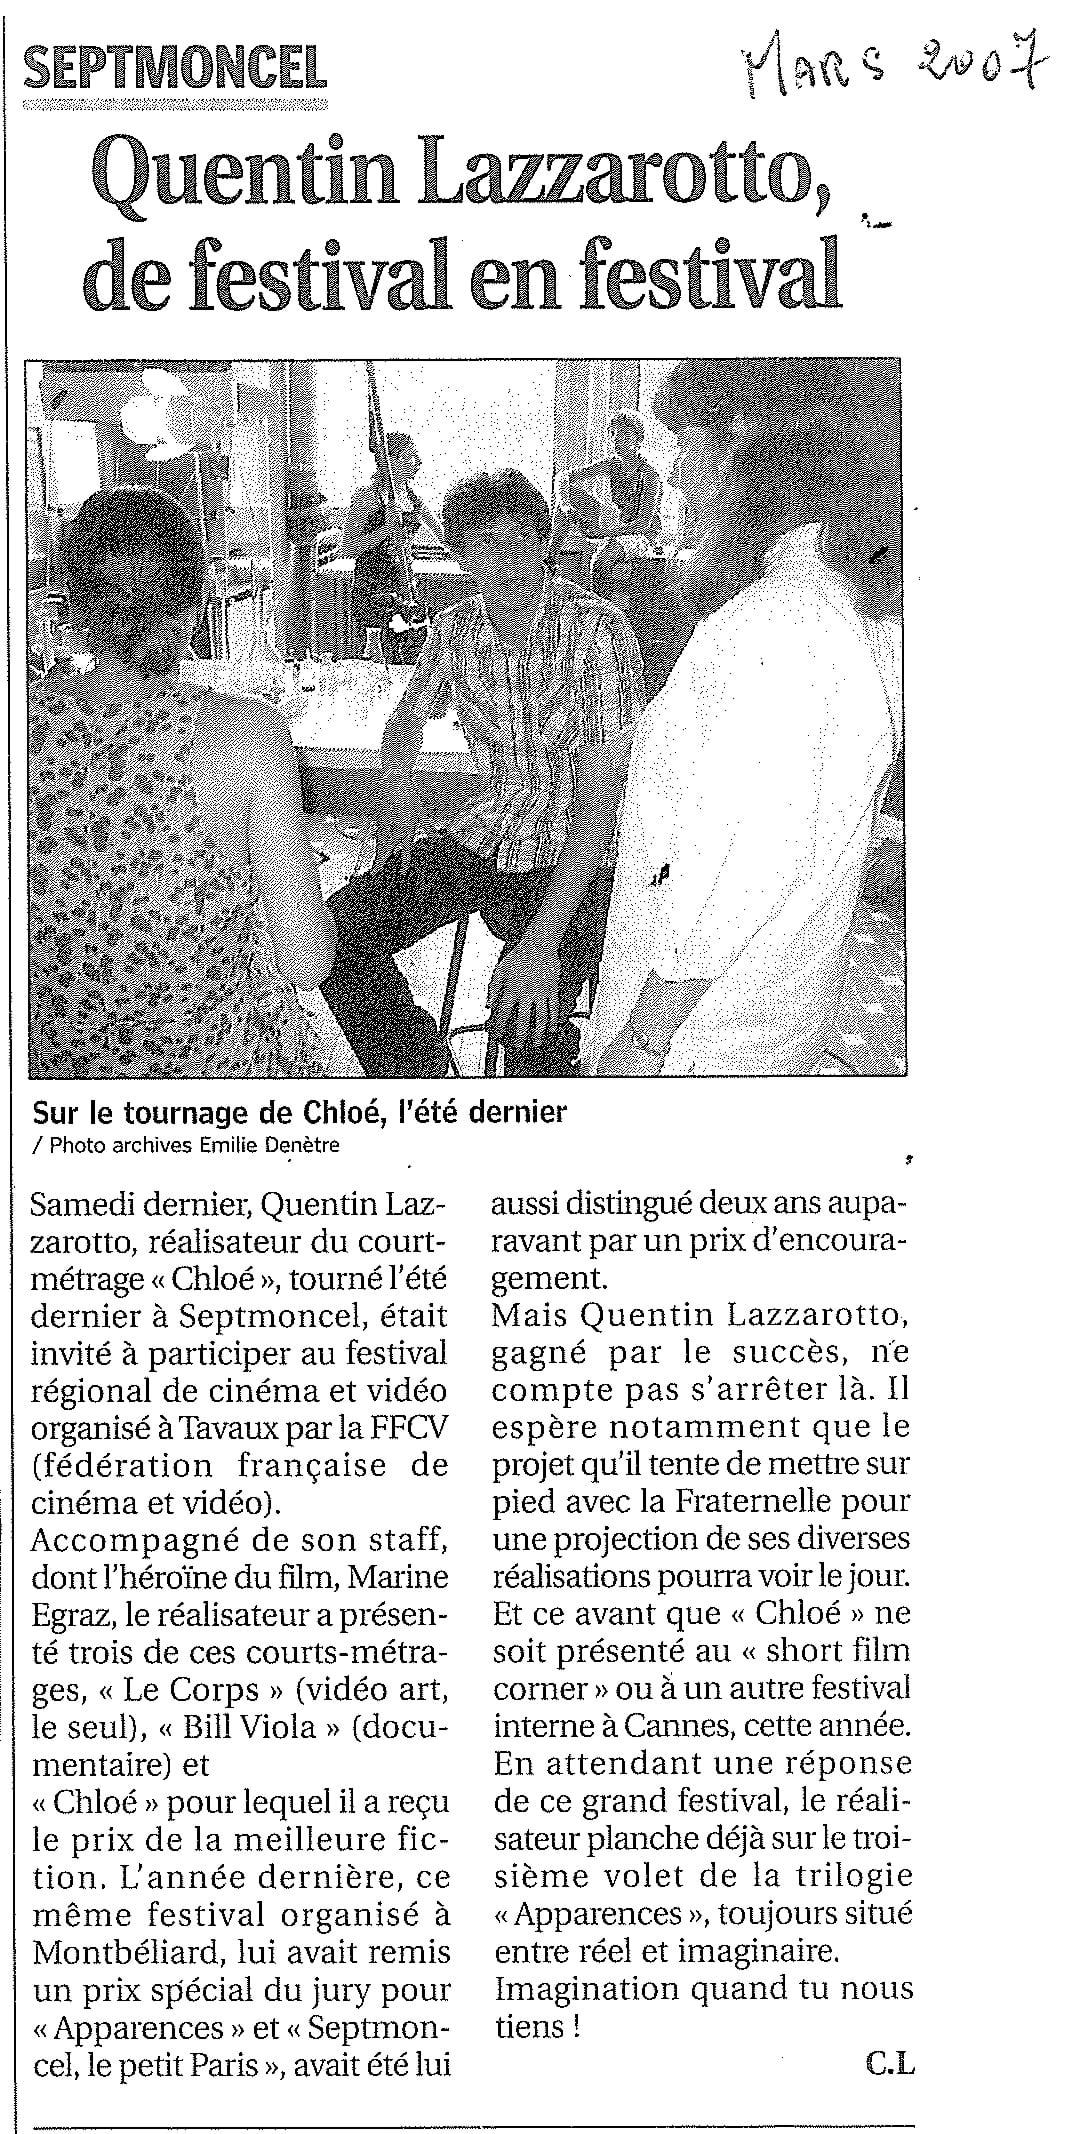 Quentin Lazzarotto de festival en festival